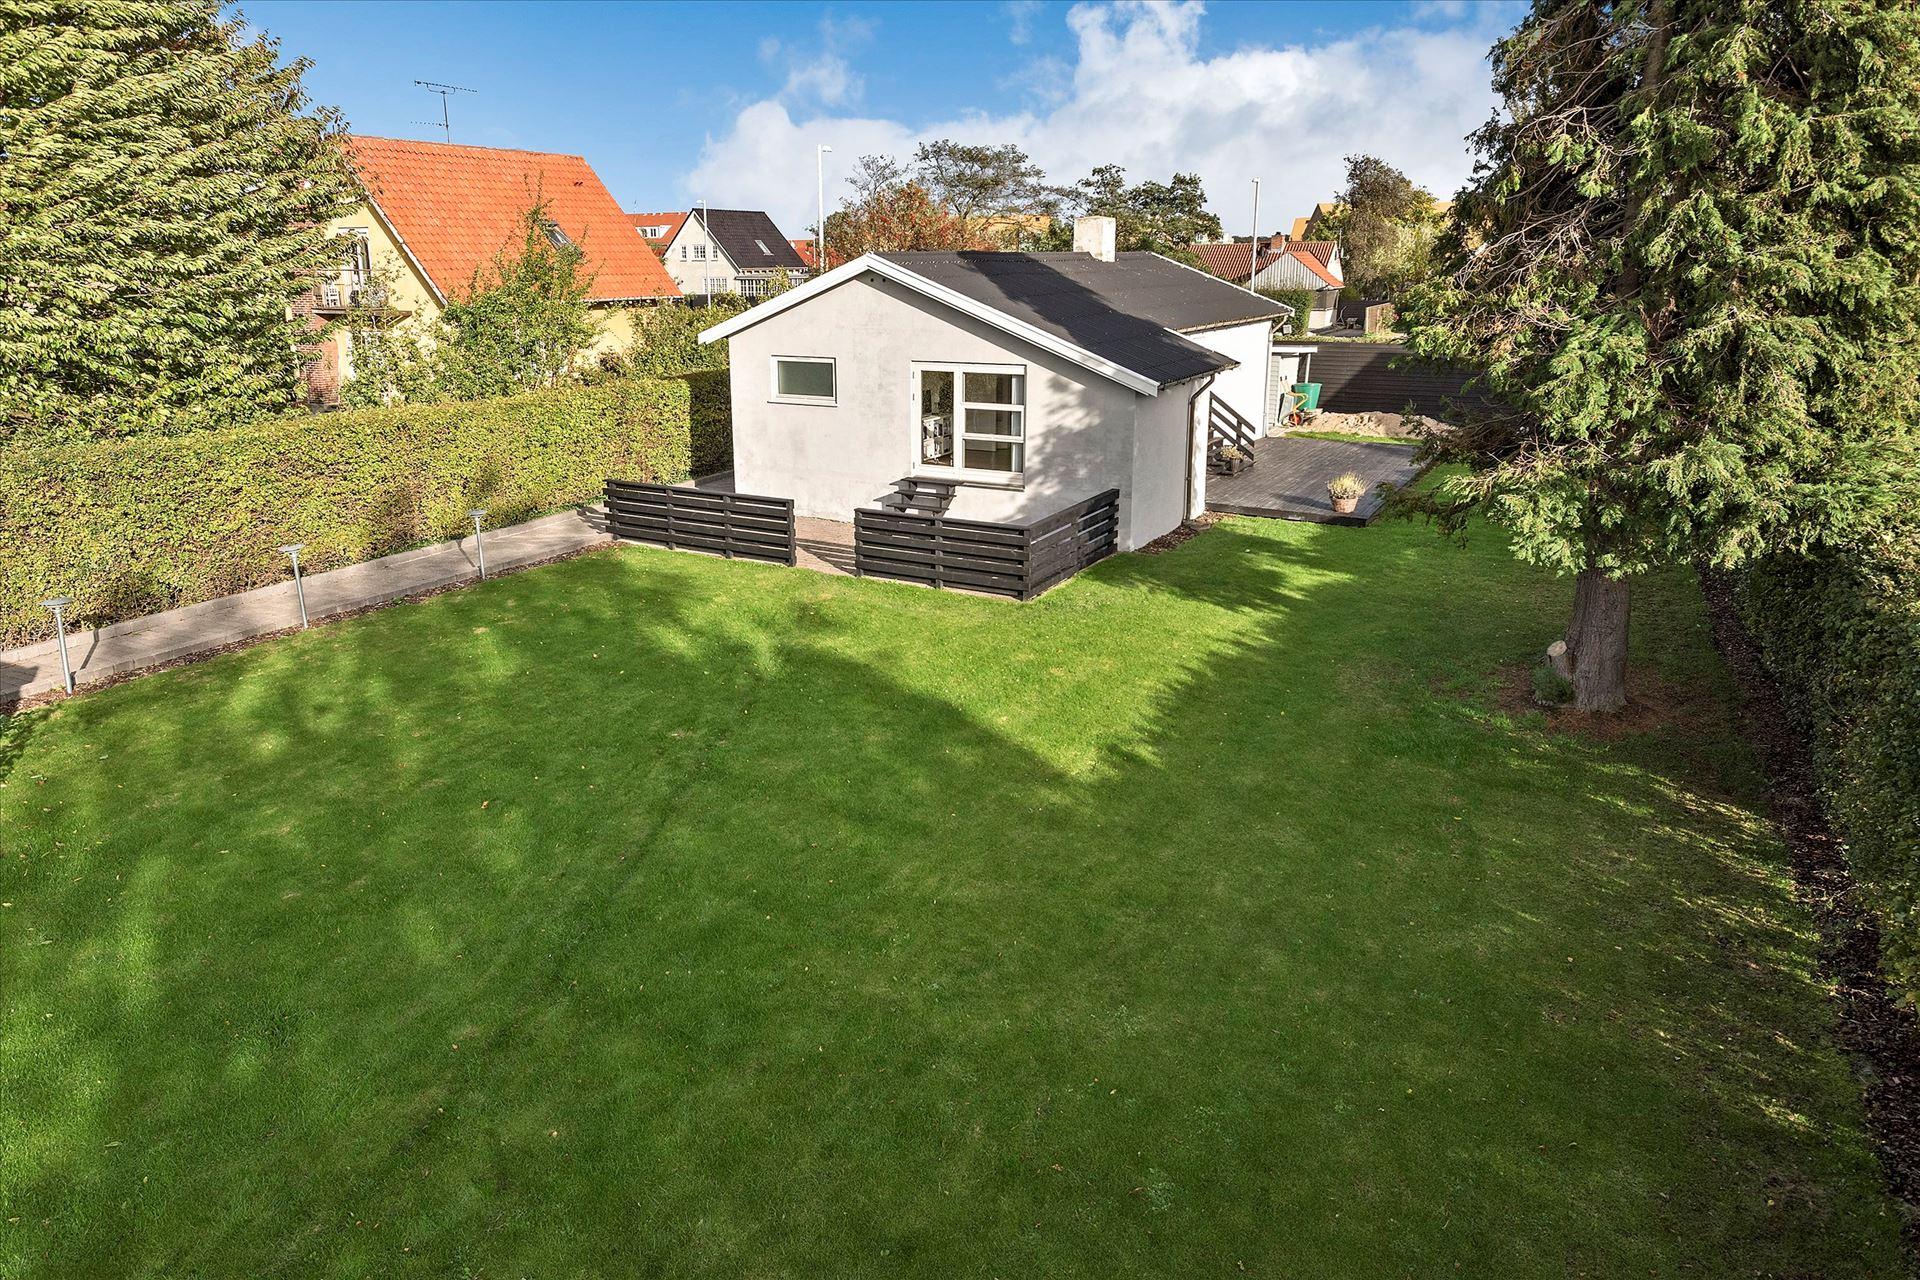 Villa til Salg - Nordre ringvej 117, 2600 Glostrup